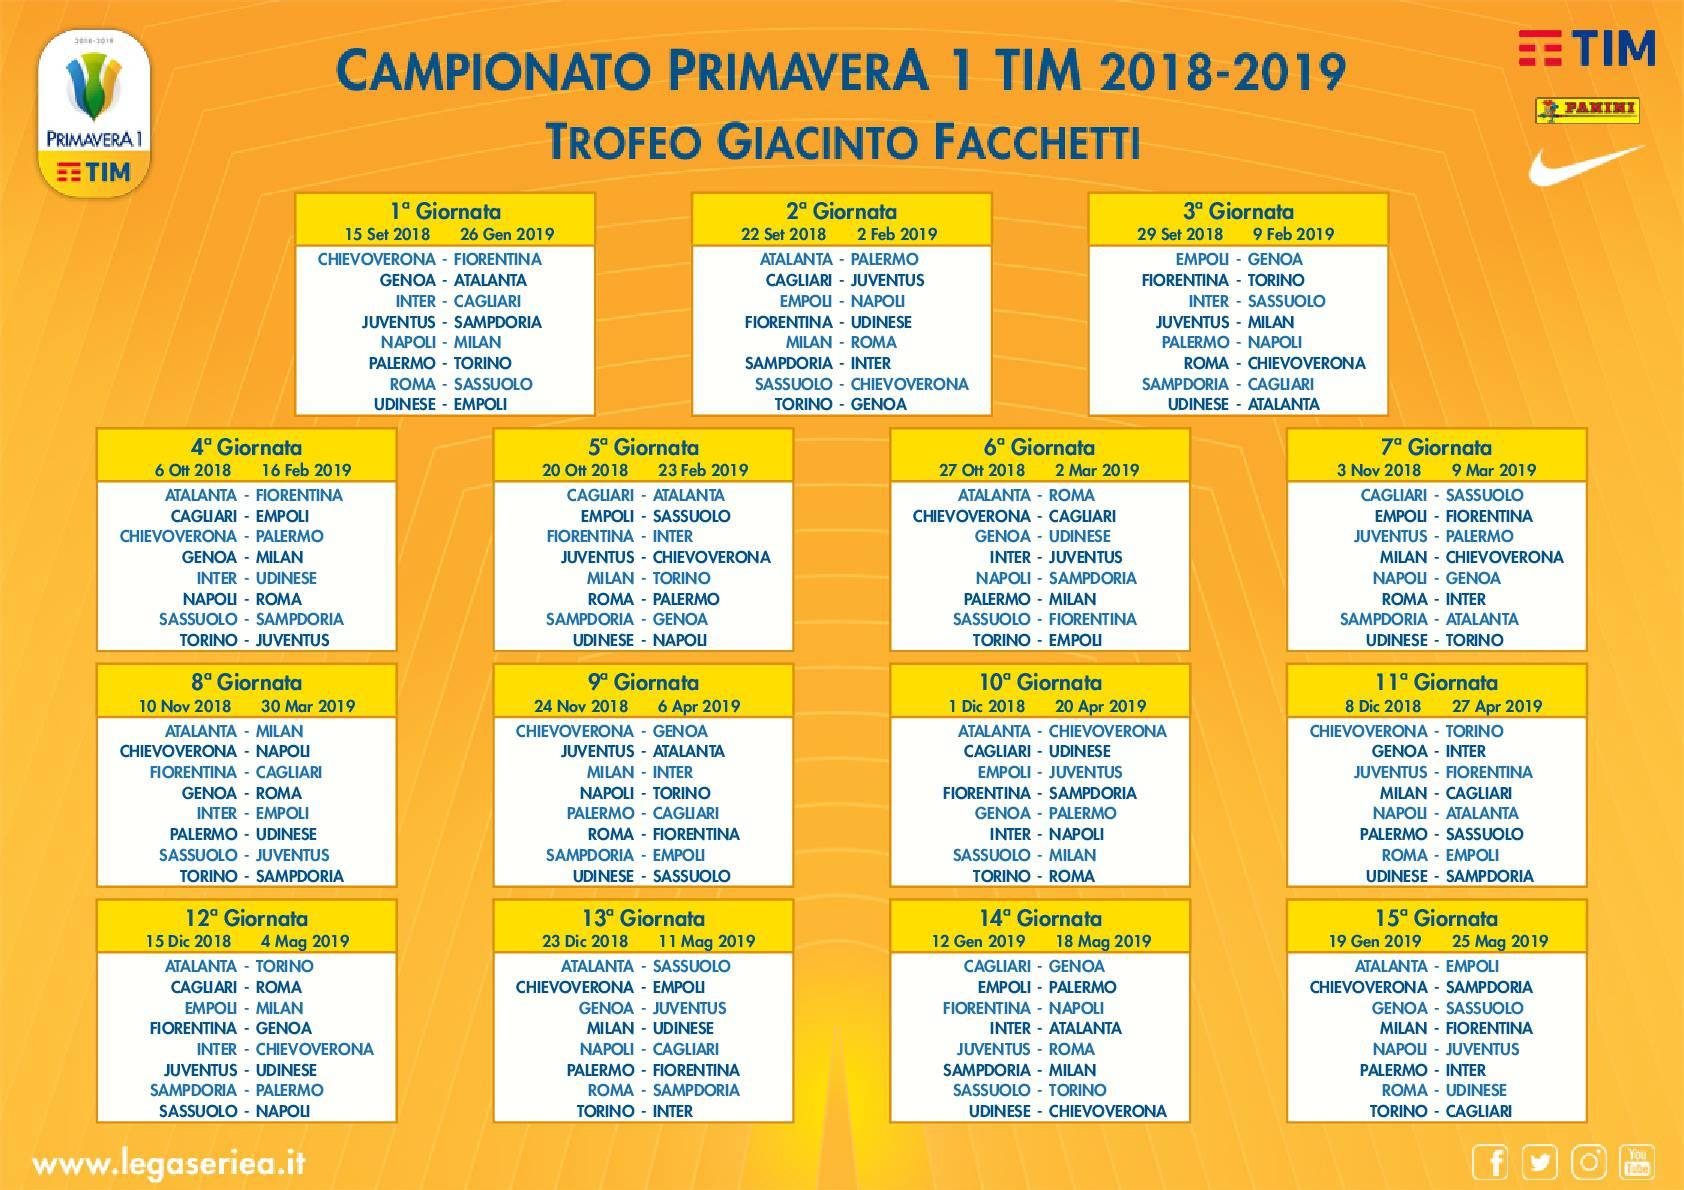 Campionato Serie A Calendario.Campionato Primavera Calendario Ufficiale Napoli Milan Alla 1ª